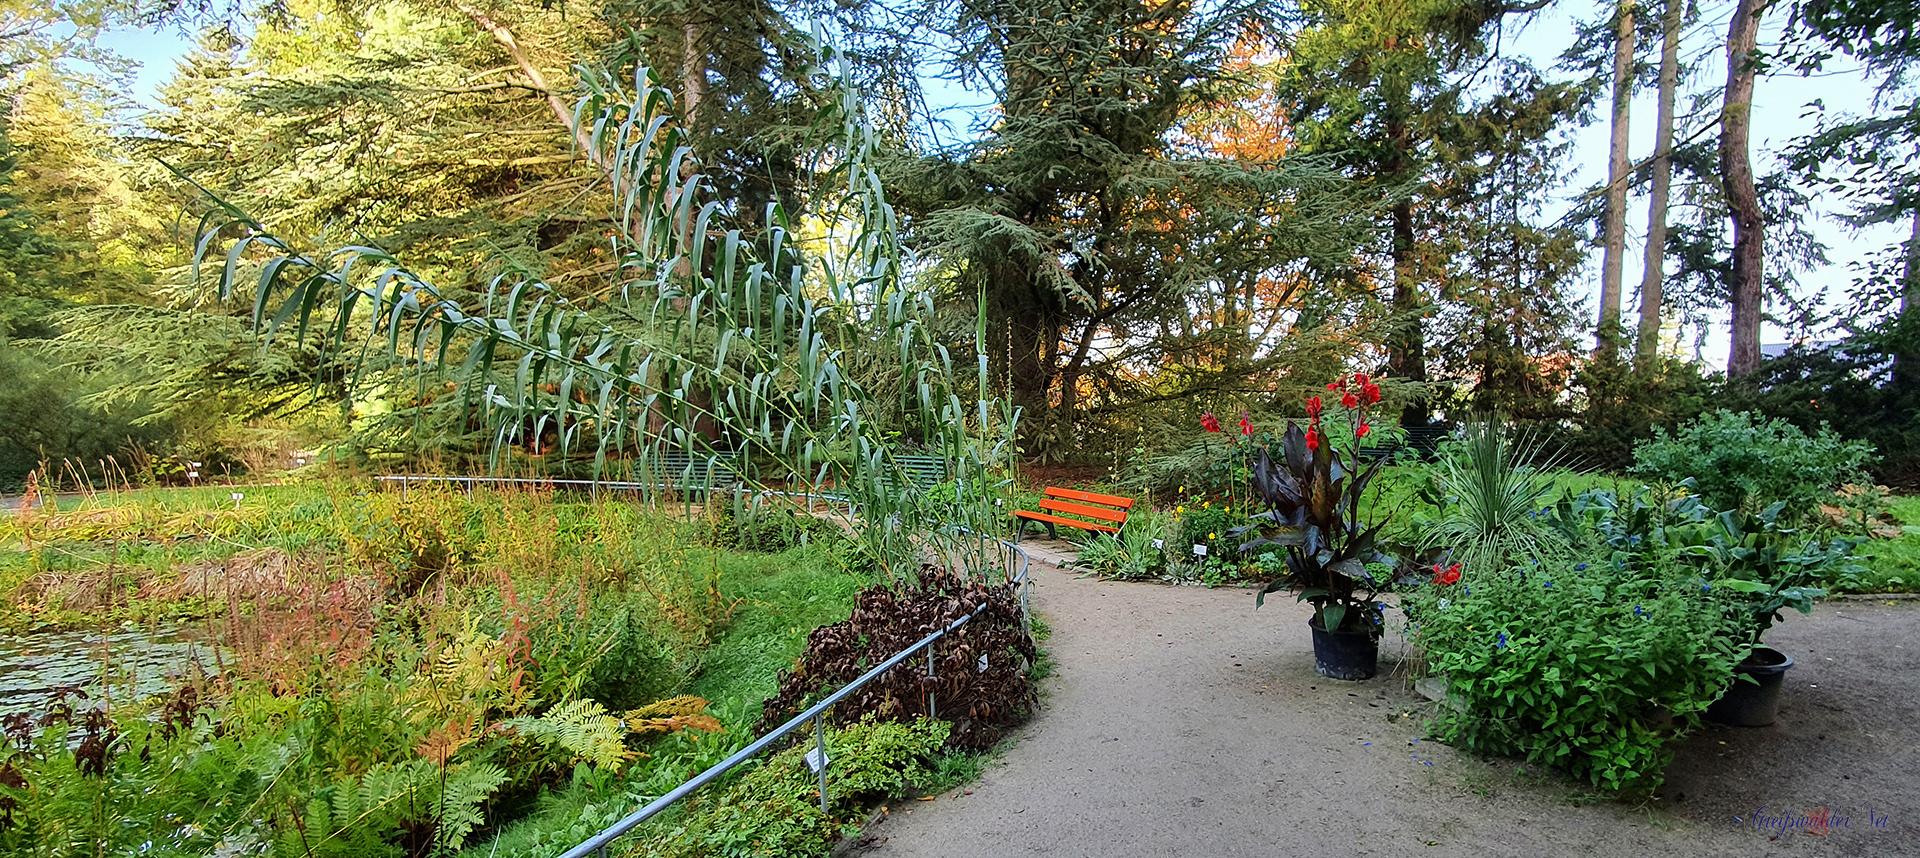 Herbststimmung im Arboretum des Botanischen Gartens Greifswald